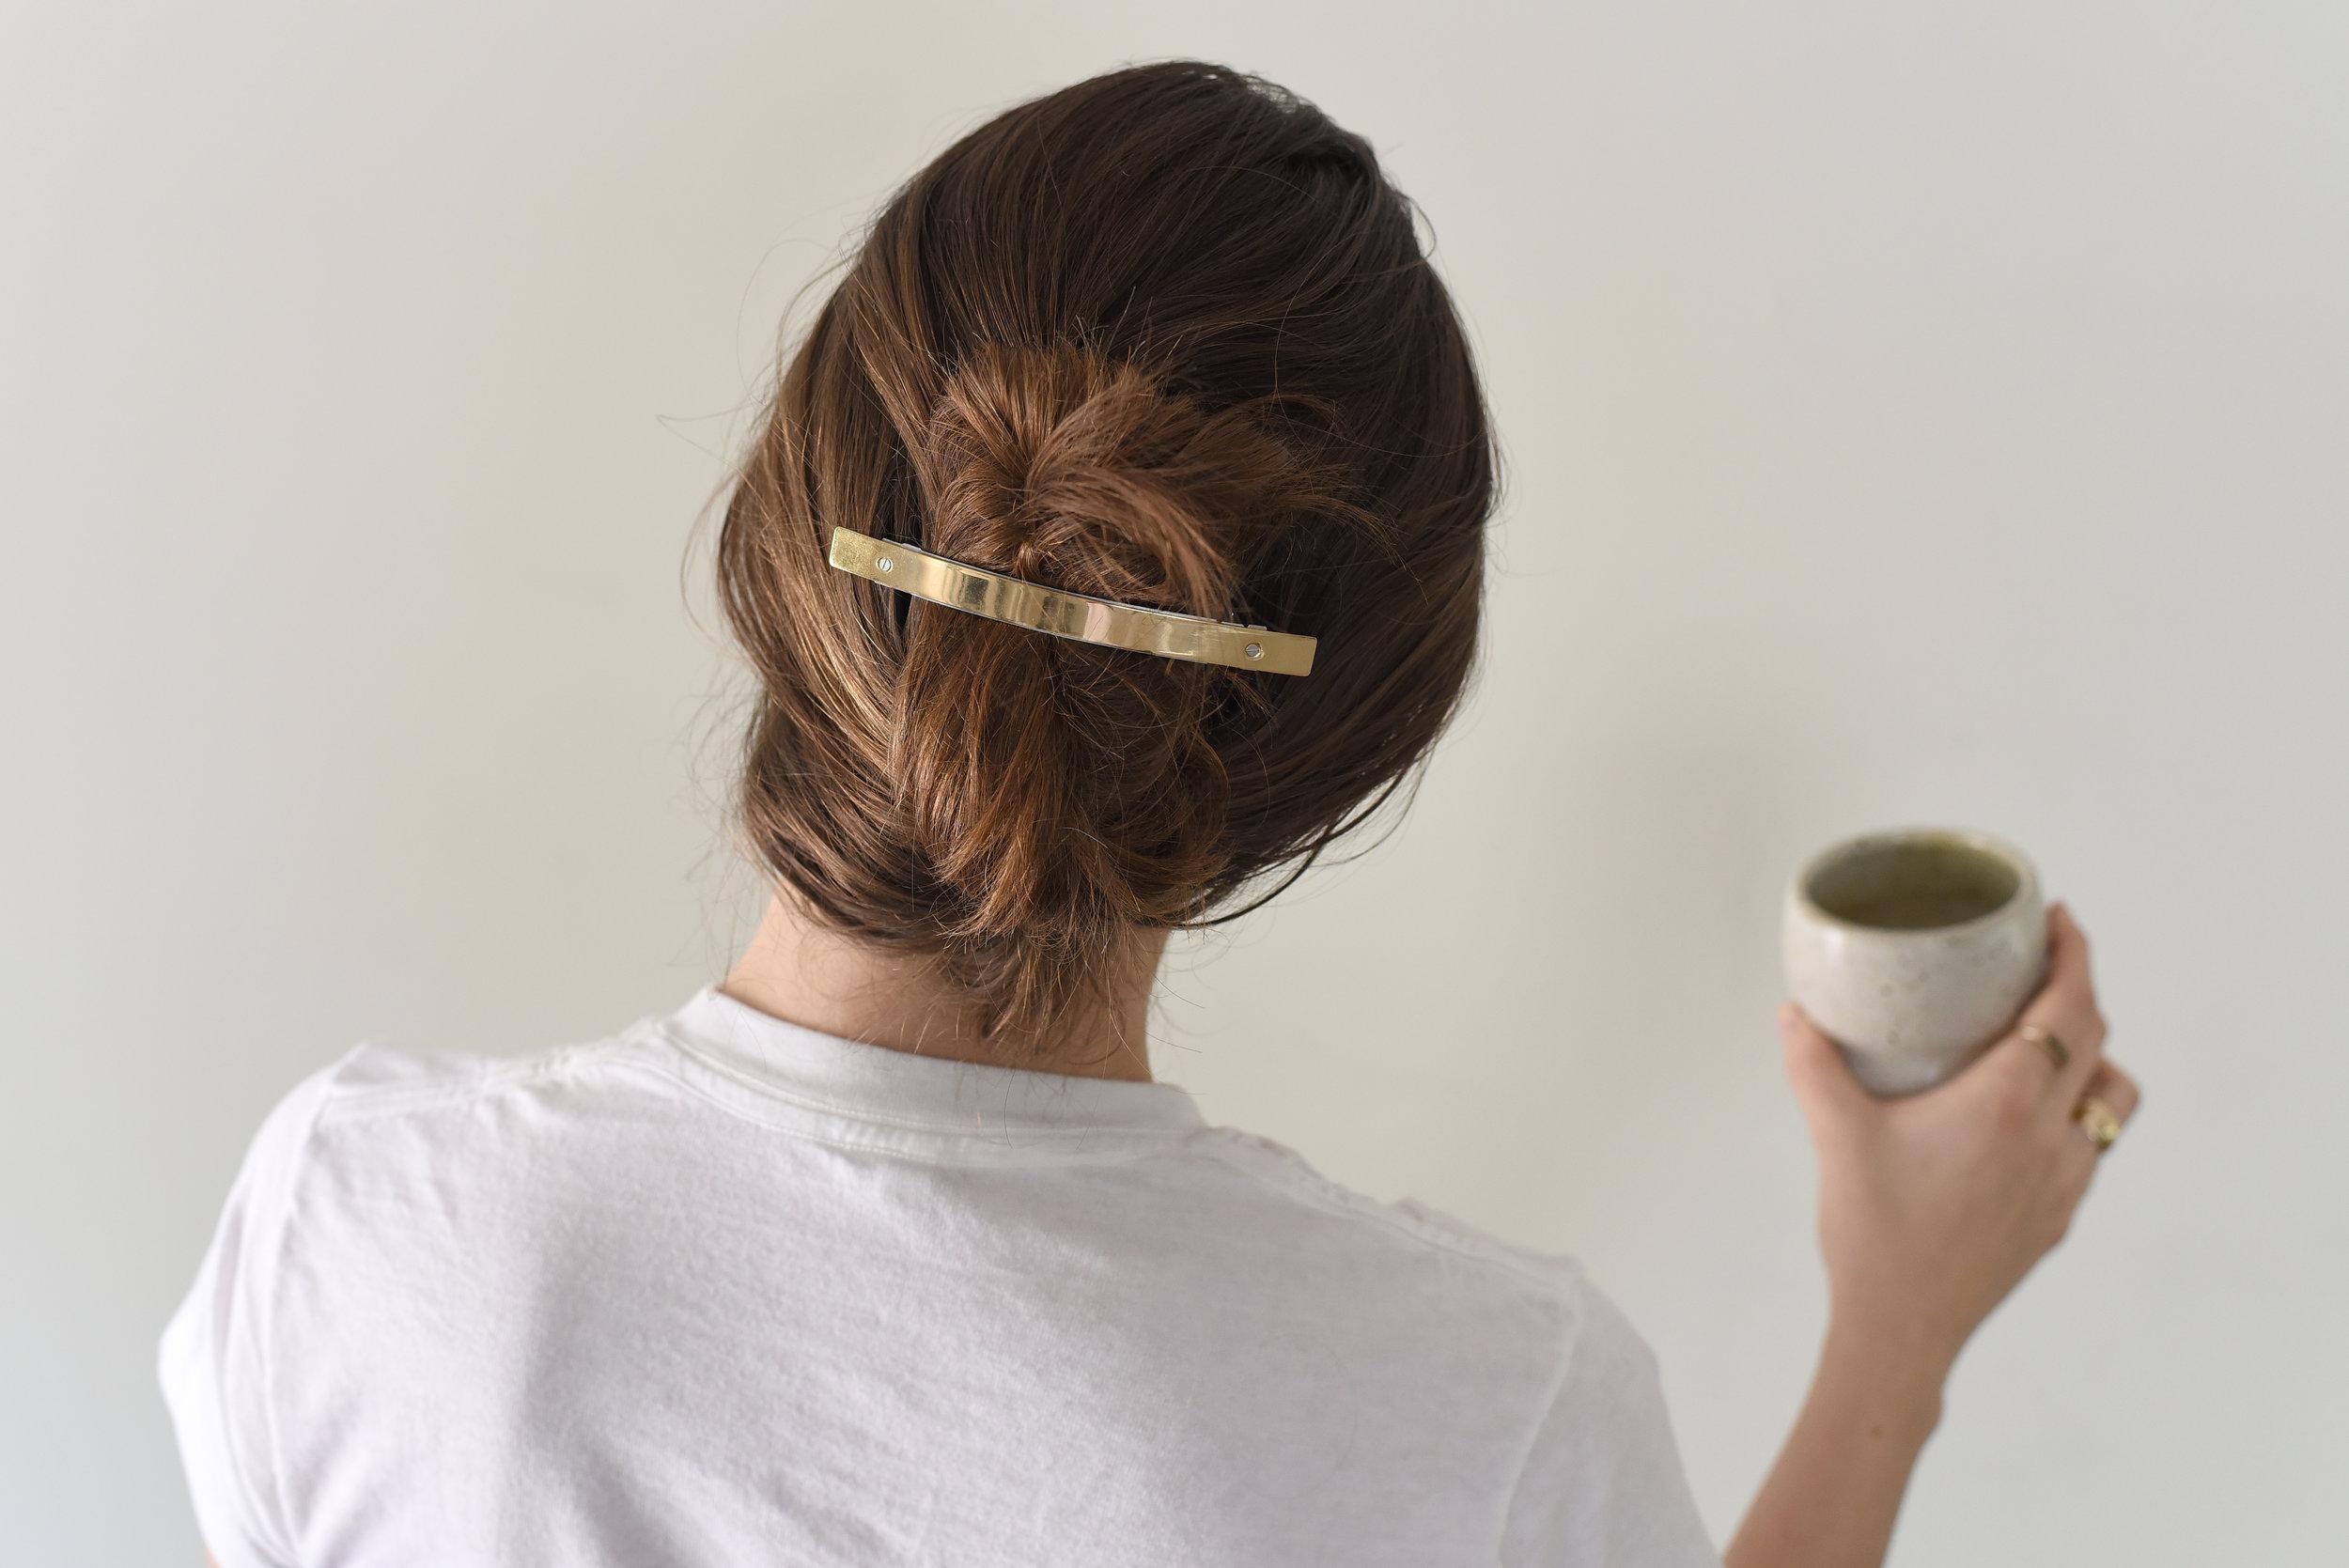 free-and-native-hair-clip-mug